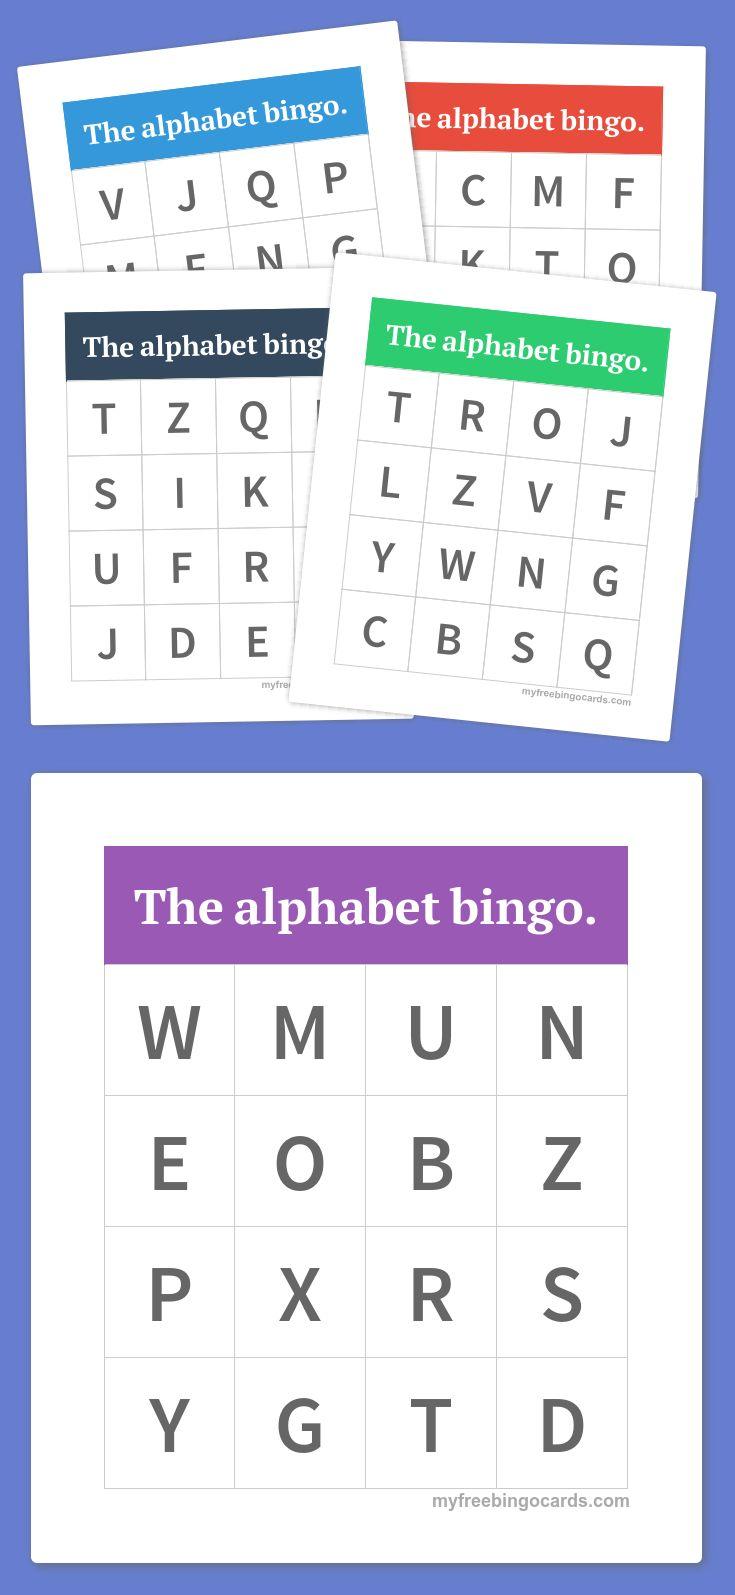 The alphabet bingo.